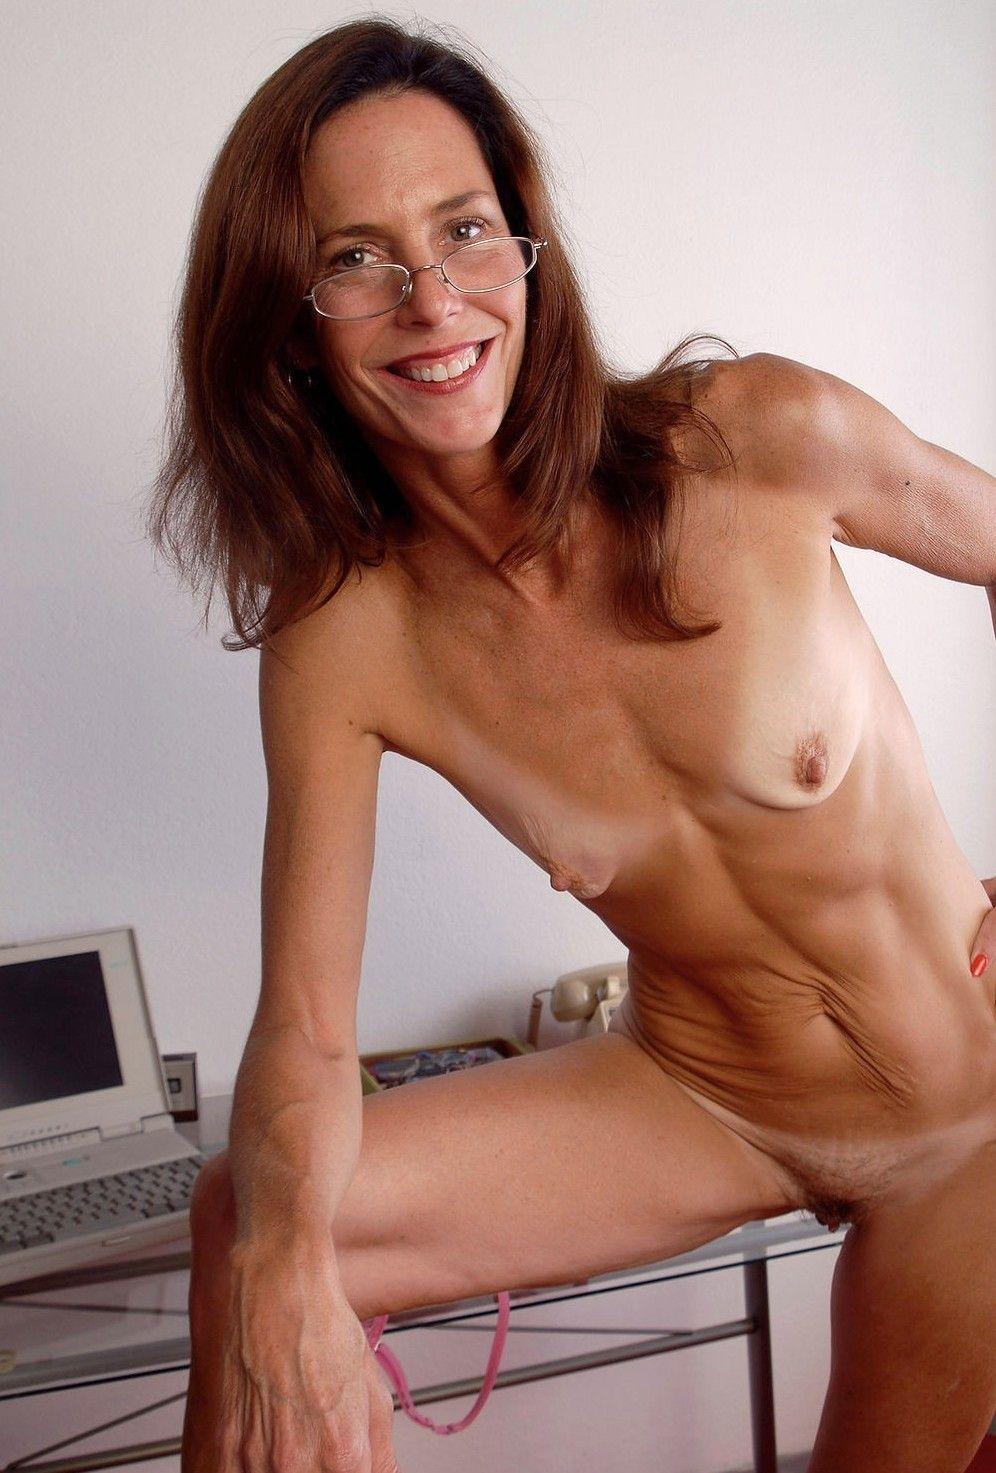 Rainer maria rilke duino elegies online dating